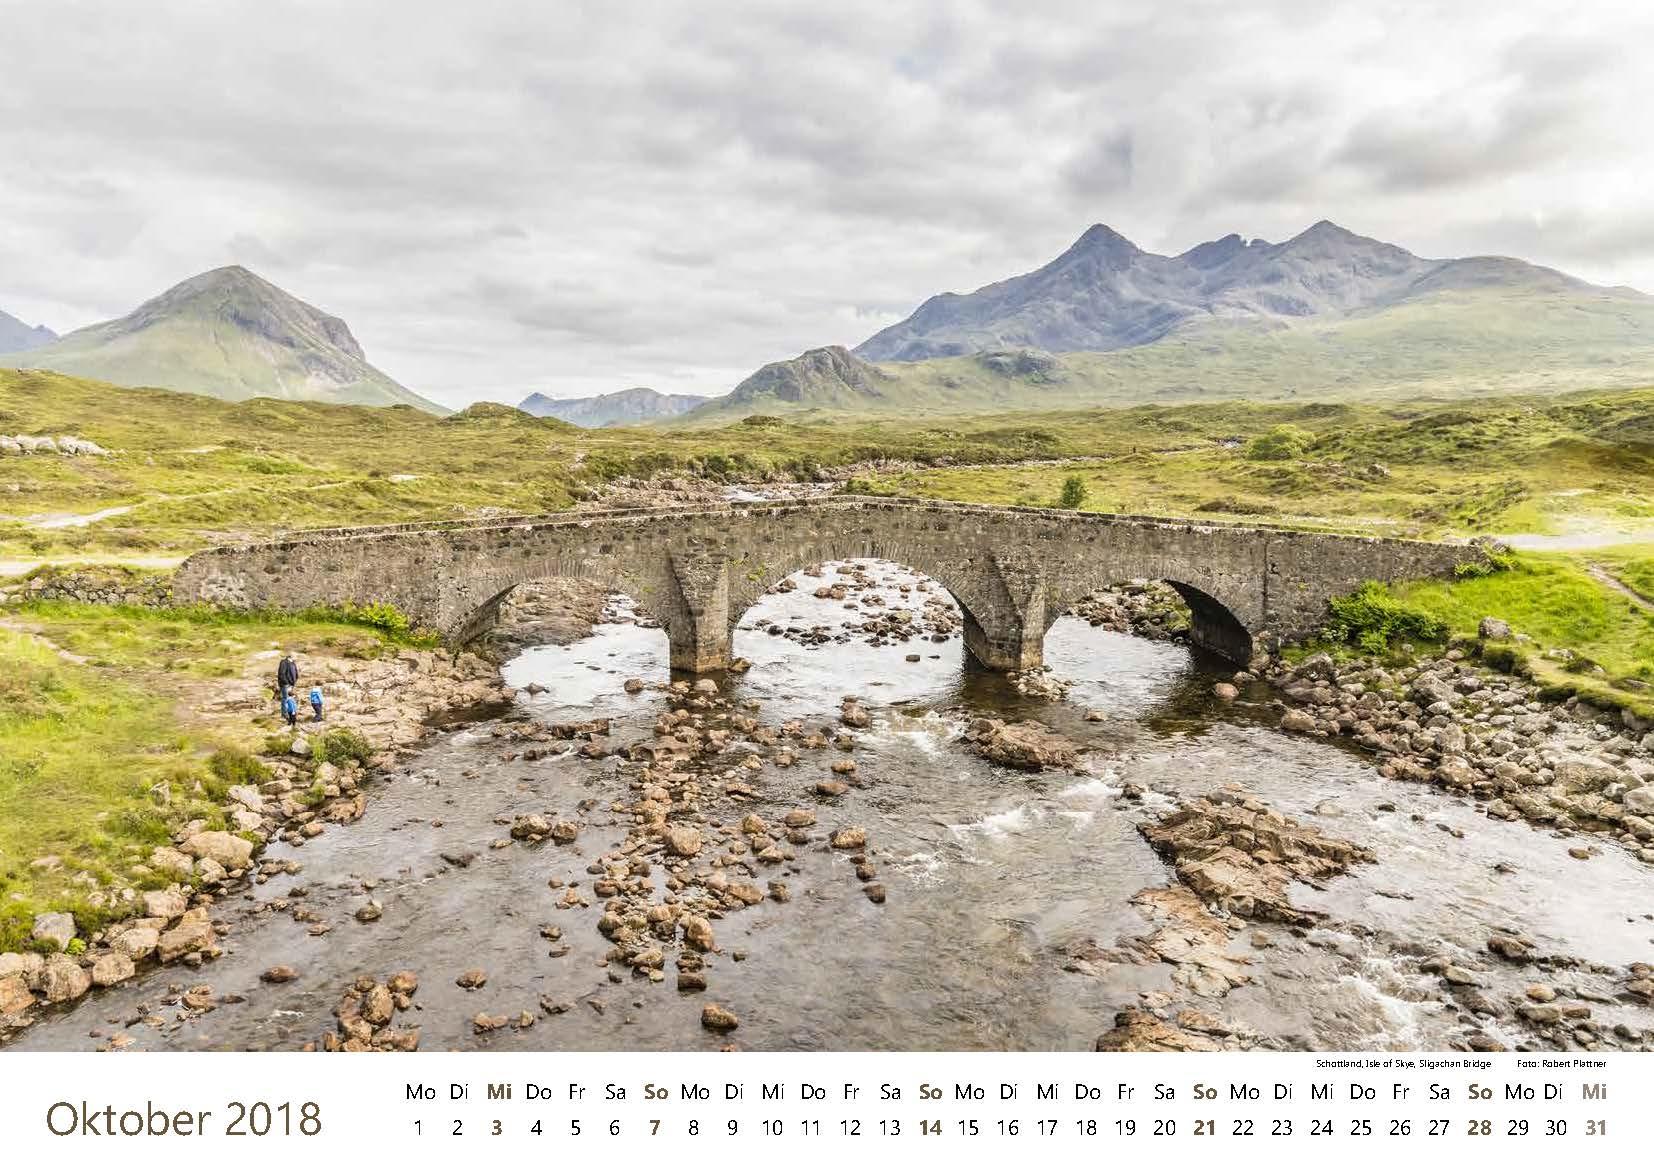 Schottland, Isle of Skye, Sligachan Bridge